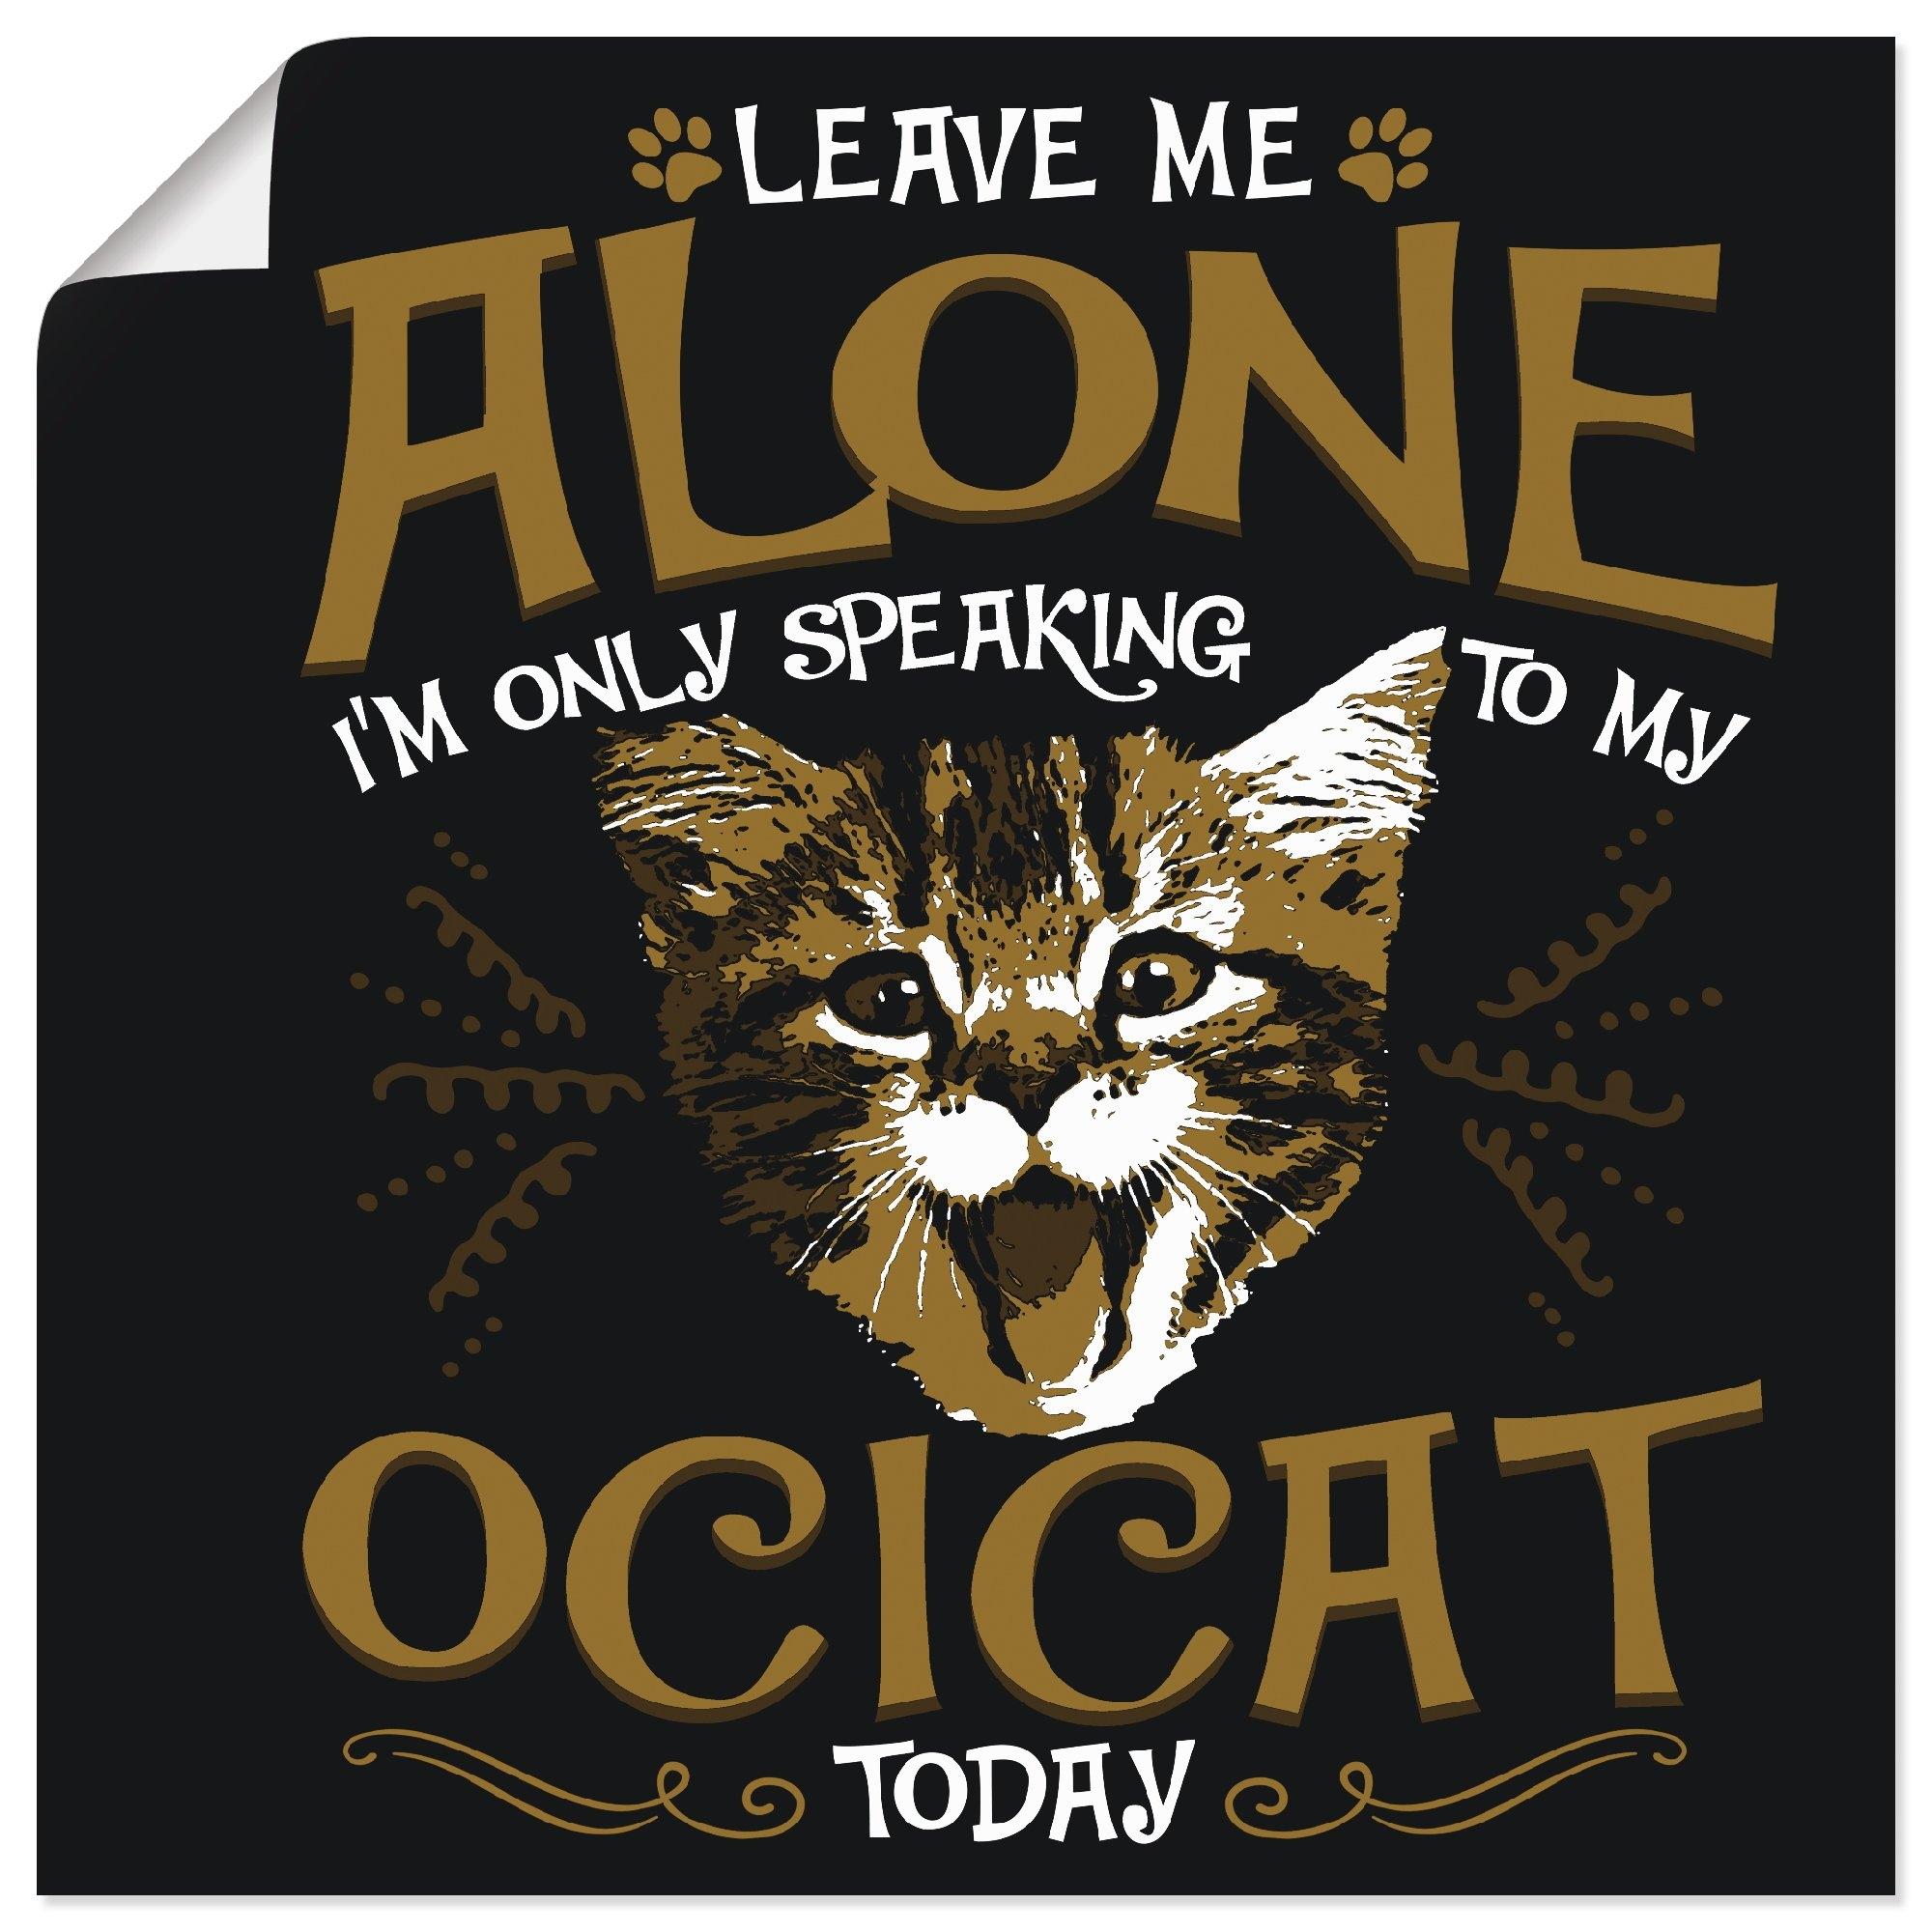 Artland artprint Ocikatze kat huisdier dier vrolijk in vele afmetingen & productsoorten - artprint van aluminium / artprint voor buiten, artprint op linnen, poster, muursticker / wandfolie ook geschikt voor de badkamer (1 stuk) nu online bestellen